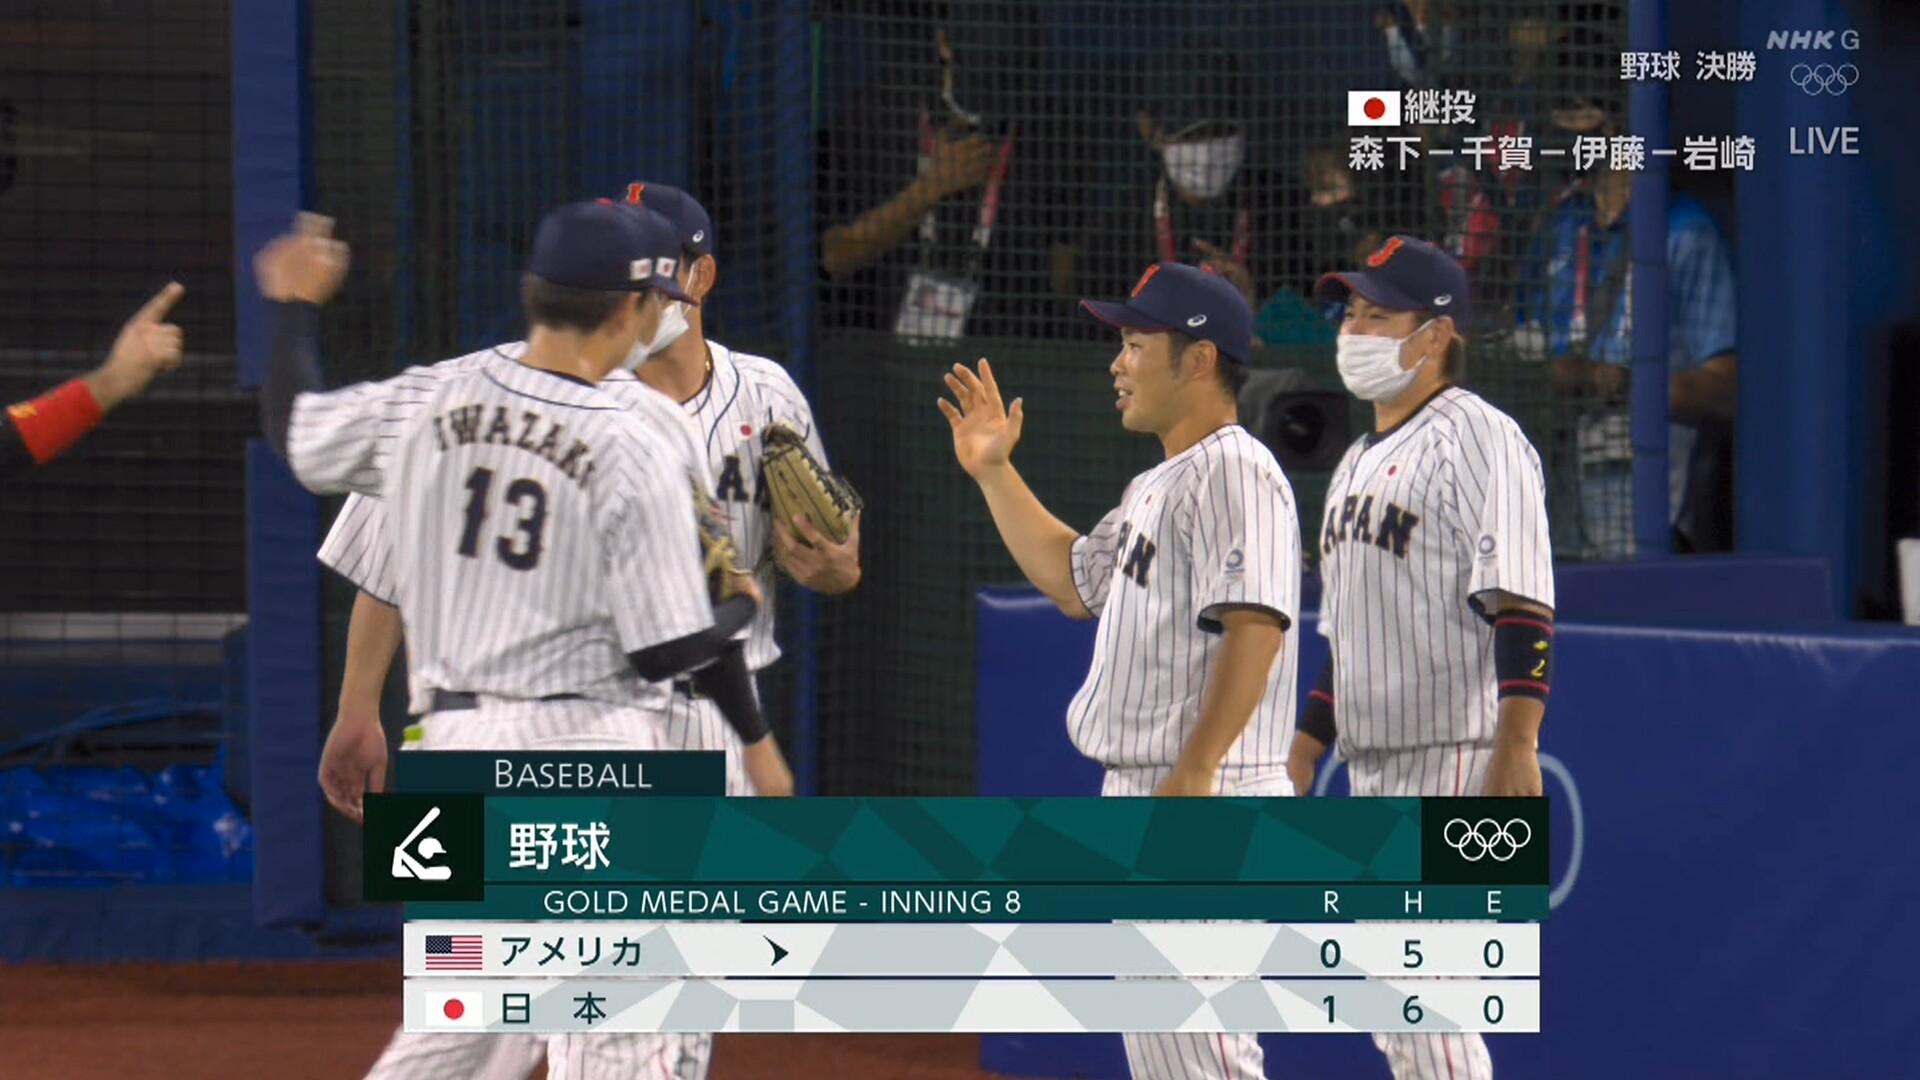 侍ジャパン、金メダルまであと3アウト! 岩崎が悪い流れを断ち切る好リリーフ